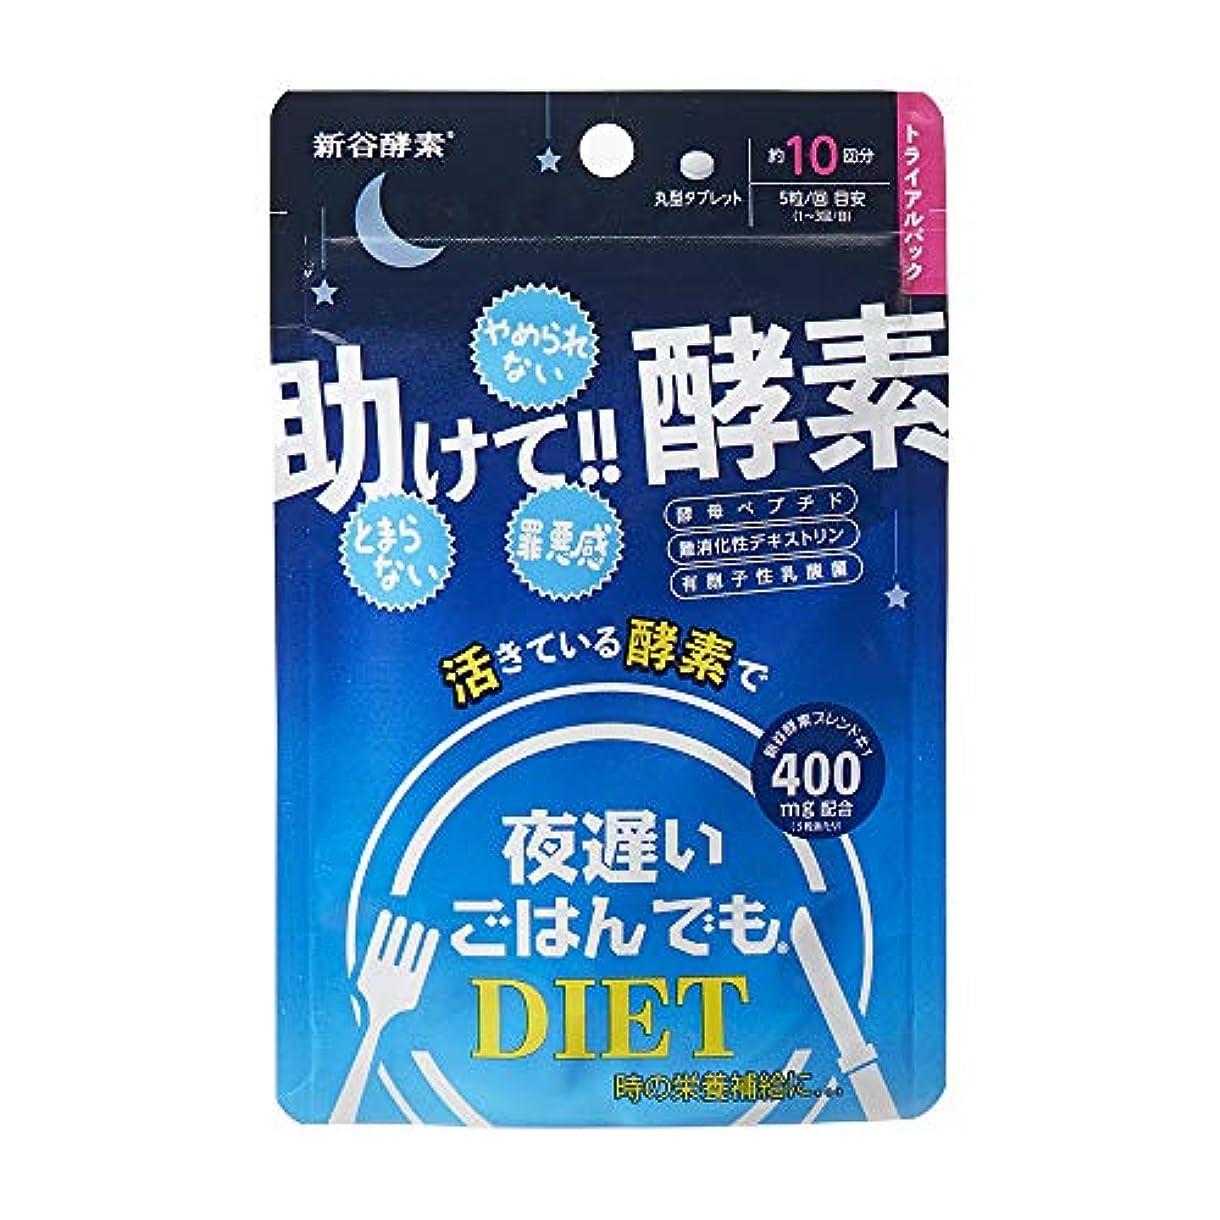 魔女版異議新谷酵素 夜遅いごはんでも 助けて!! 酵素 (10回分)